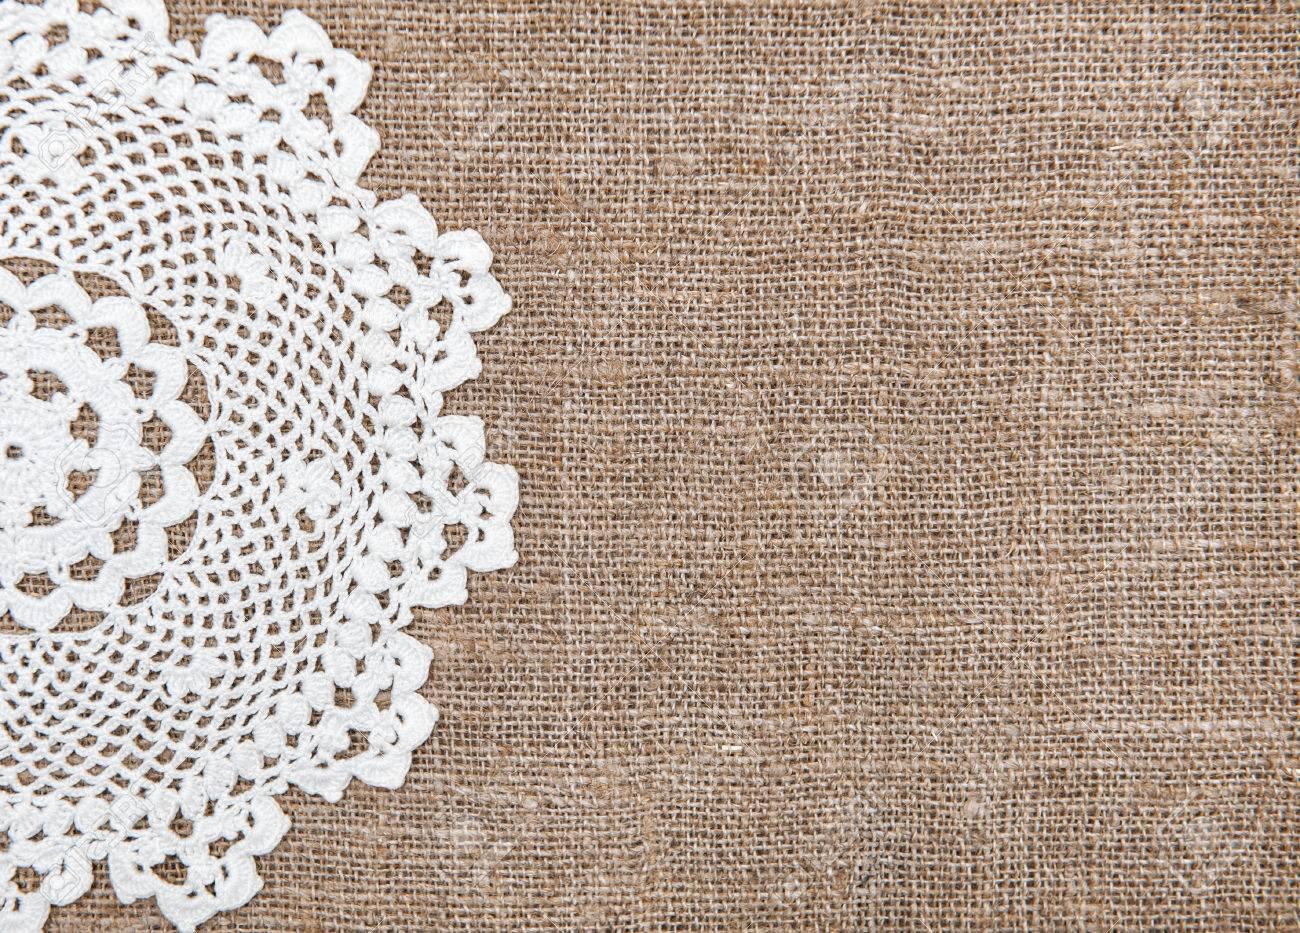 fondo de arpillera y tela de encaje blanco foto de archivo